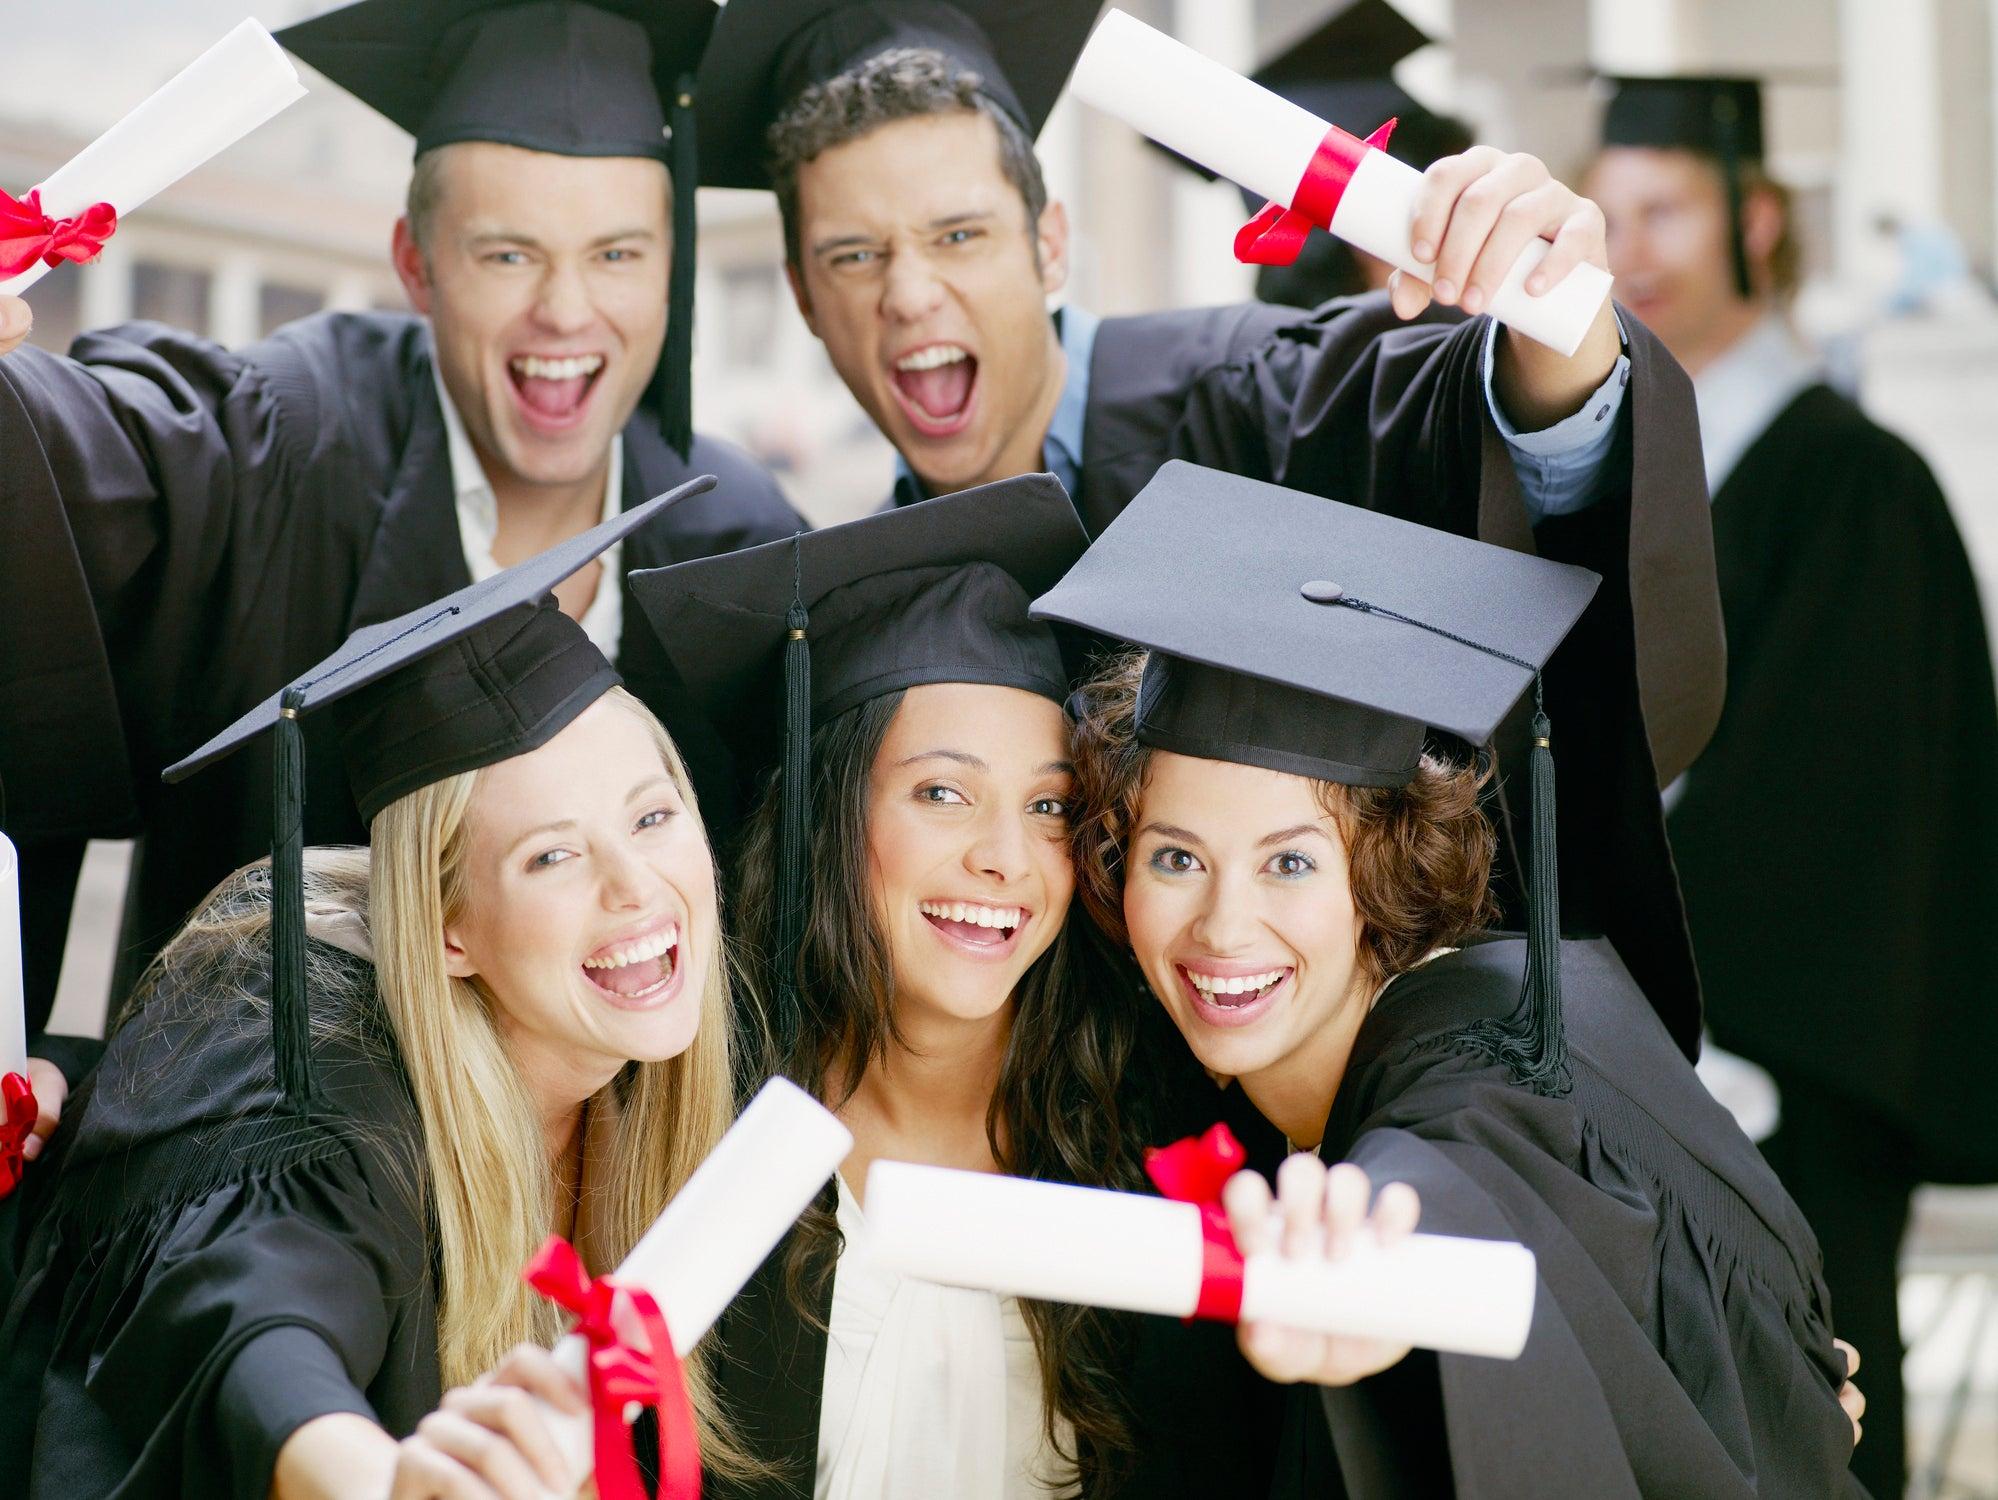 Магистратура - это второе высшее образование или нет